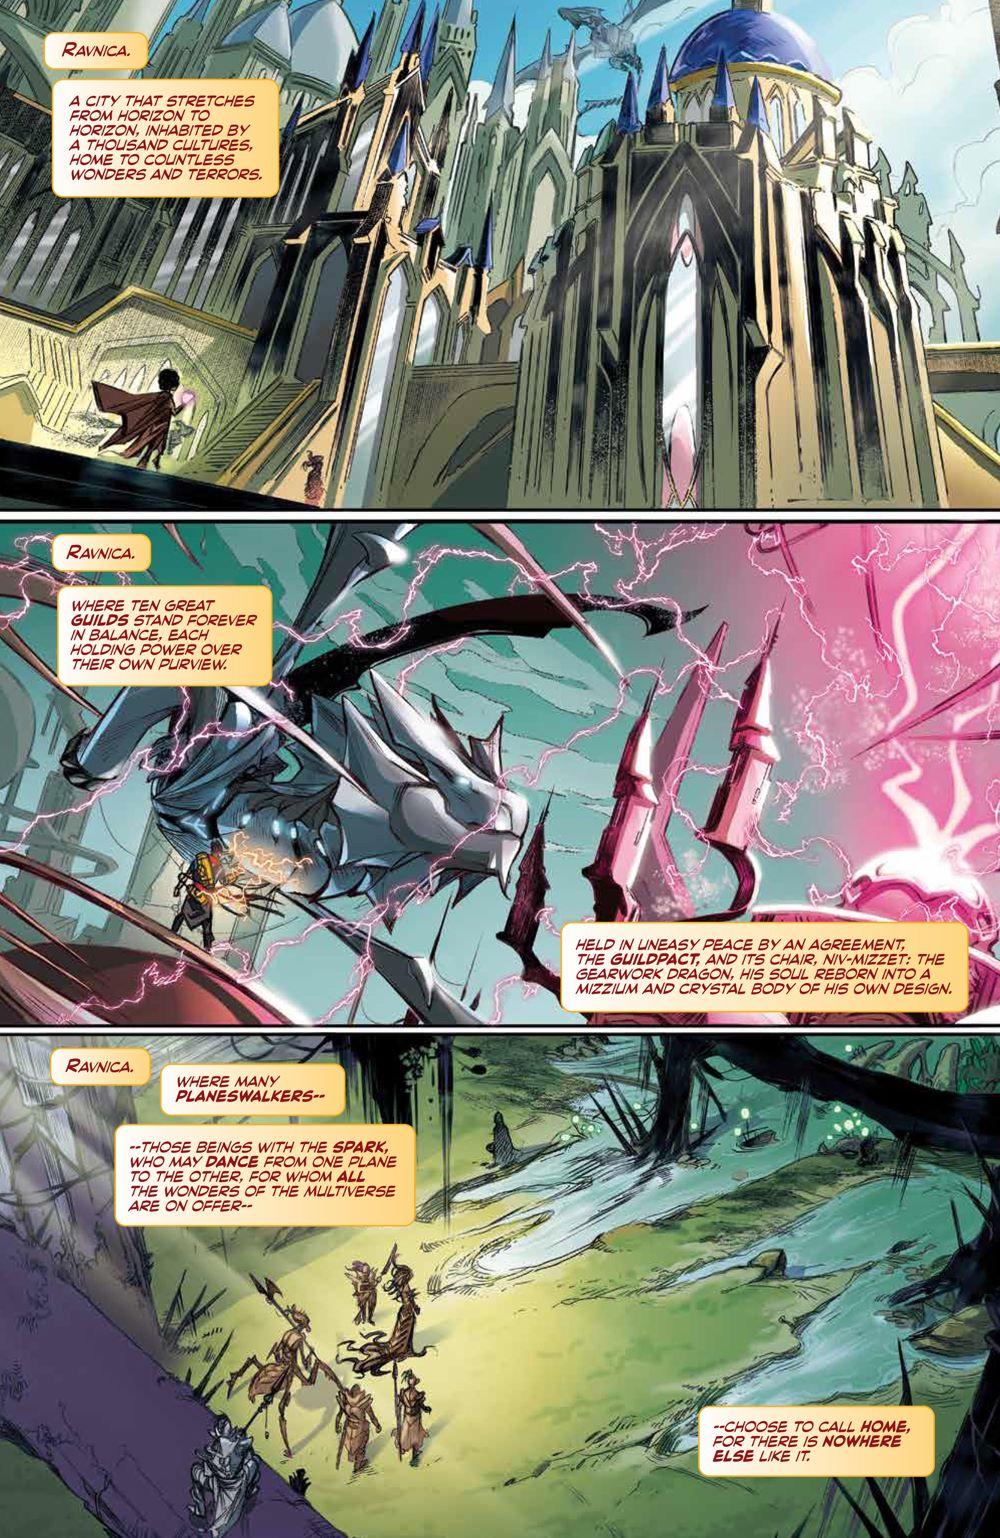 Magic_001_PRESS_6 ComicList Previews: MAGIC #1